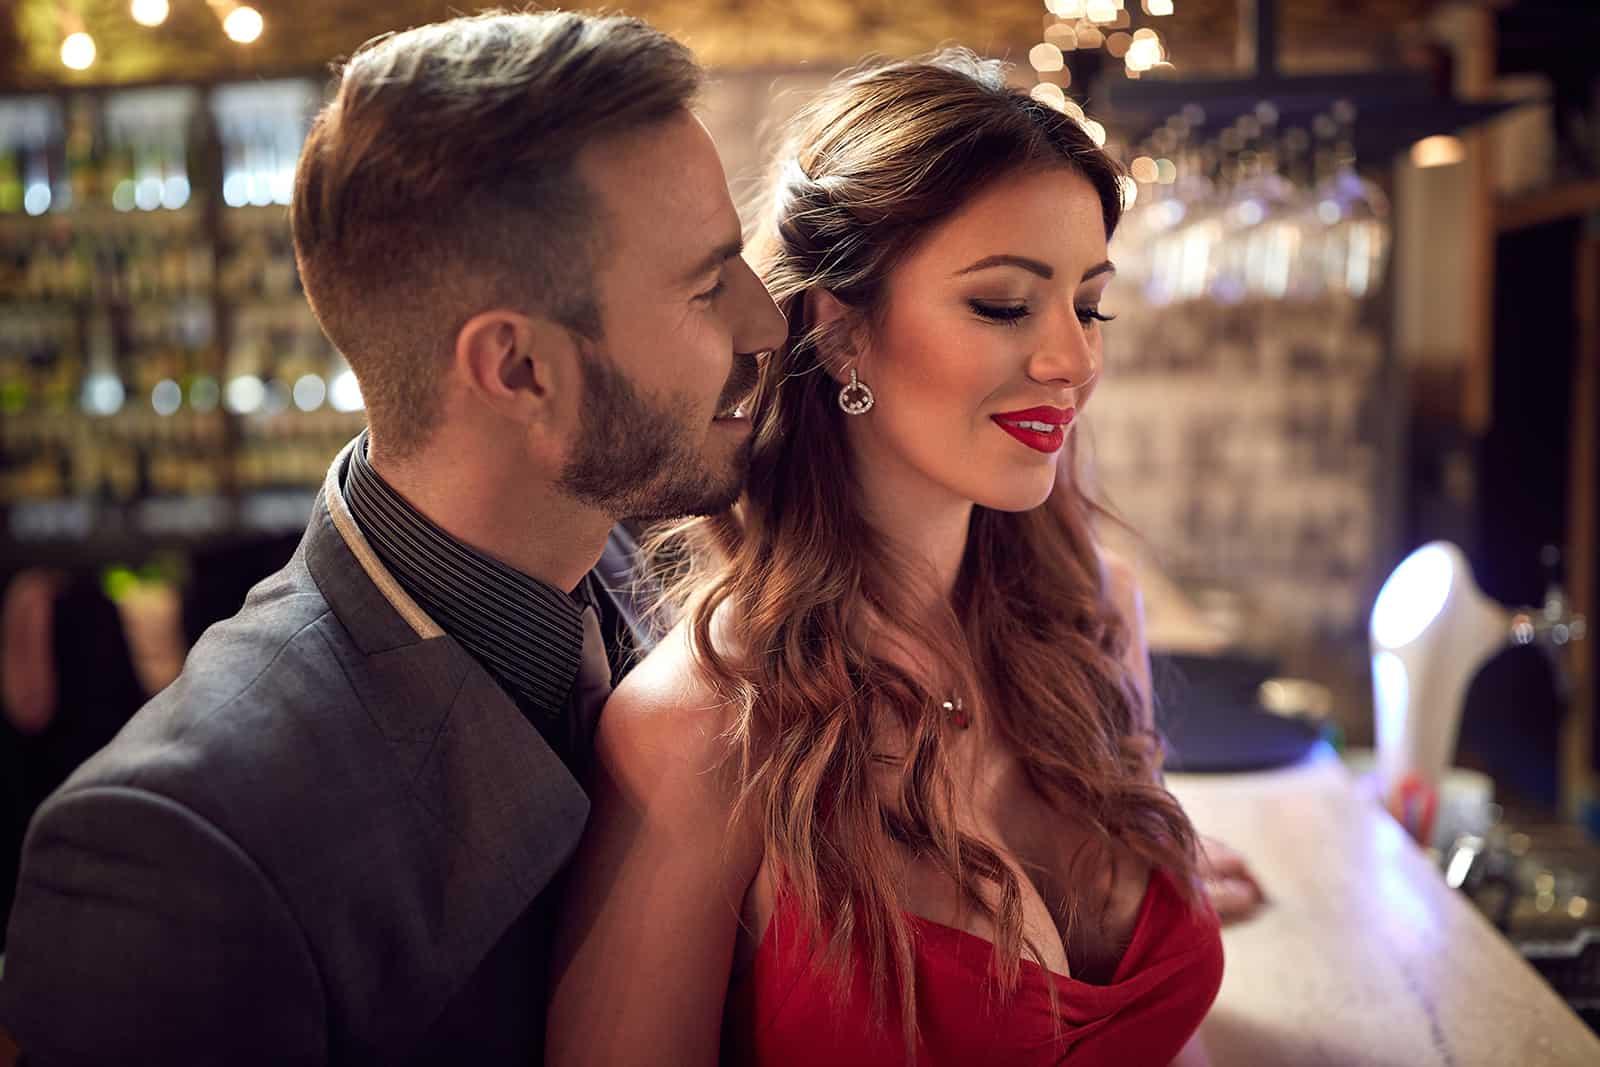 Ein Mann flirtet mit einer attraktiven Frau an der Theke